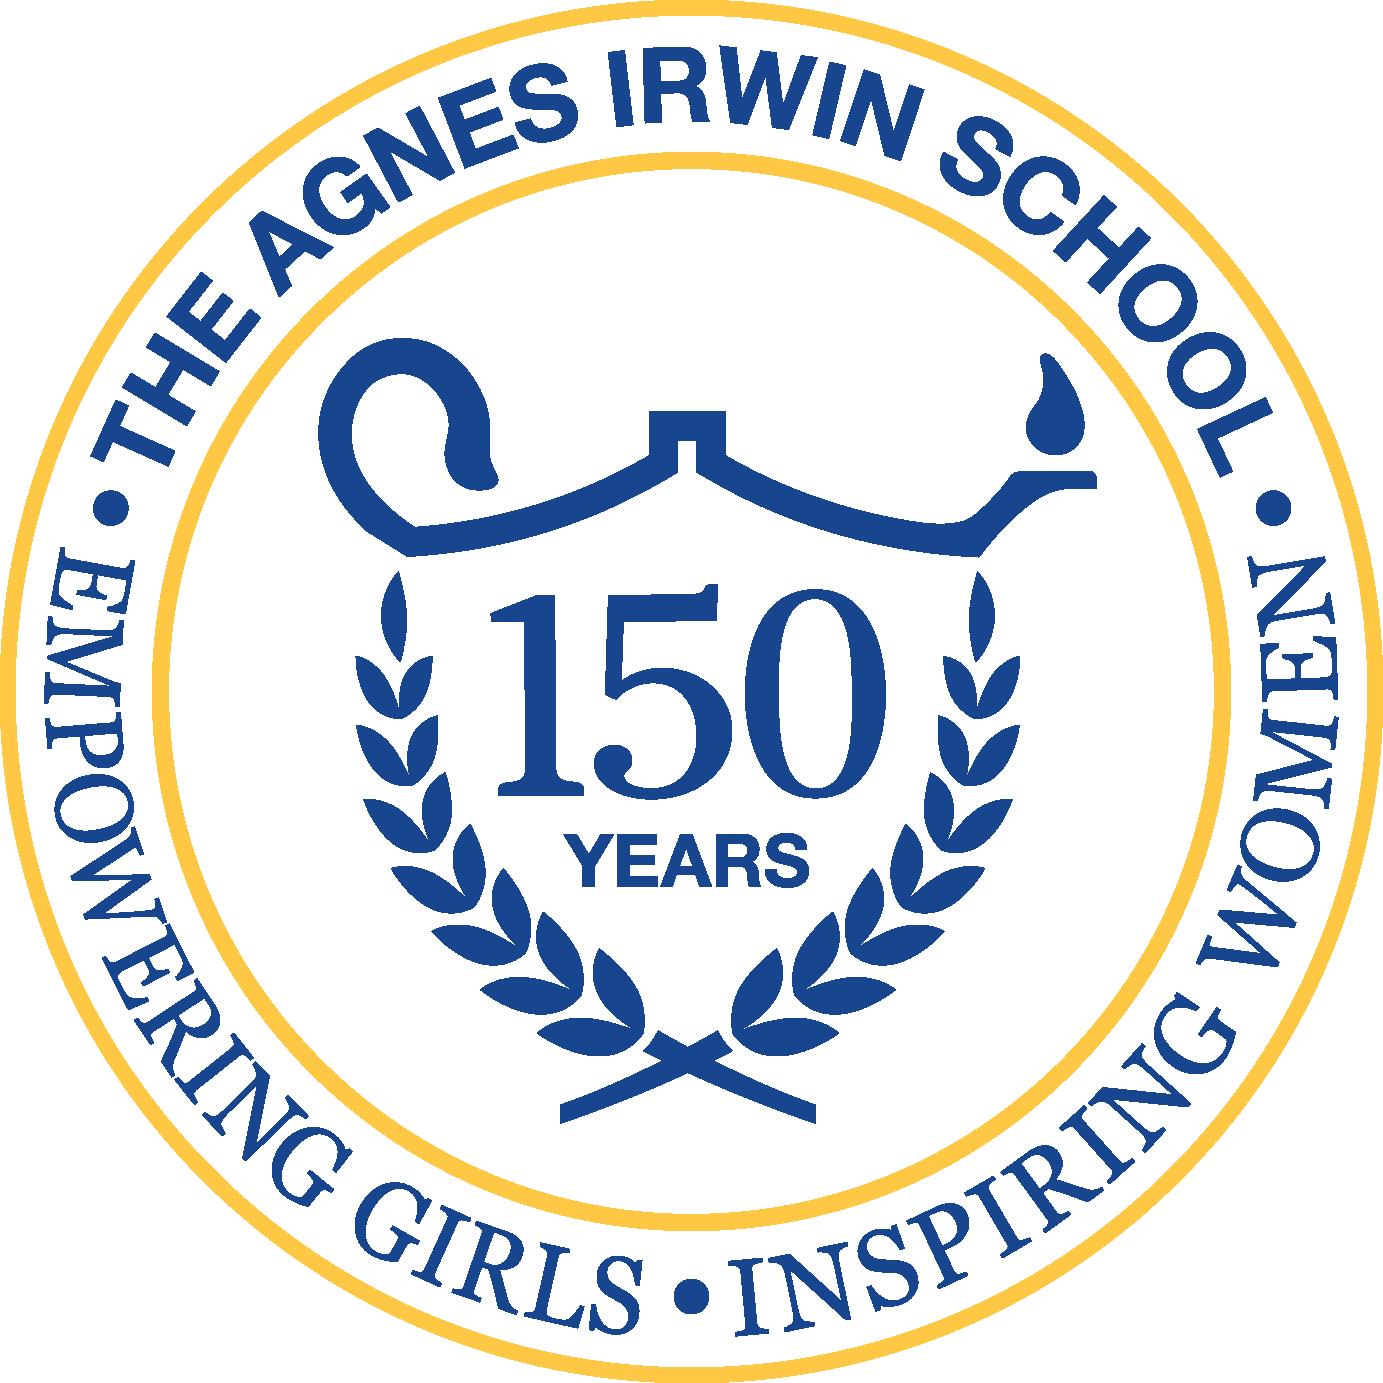 The Agnes Irwin School